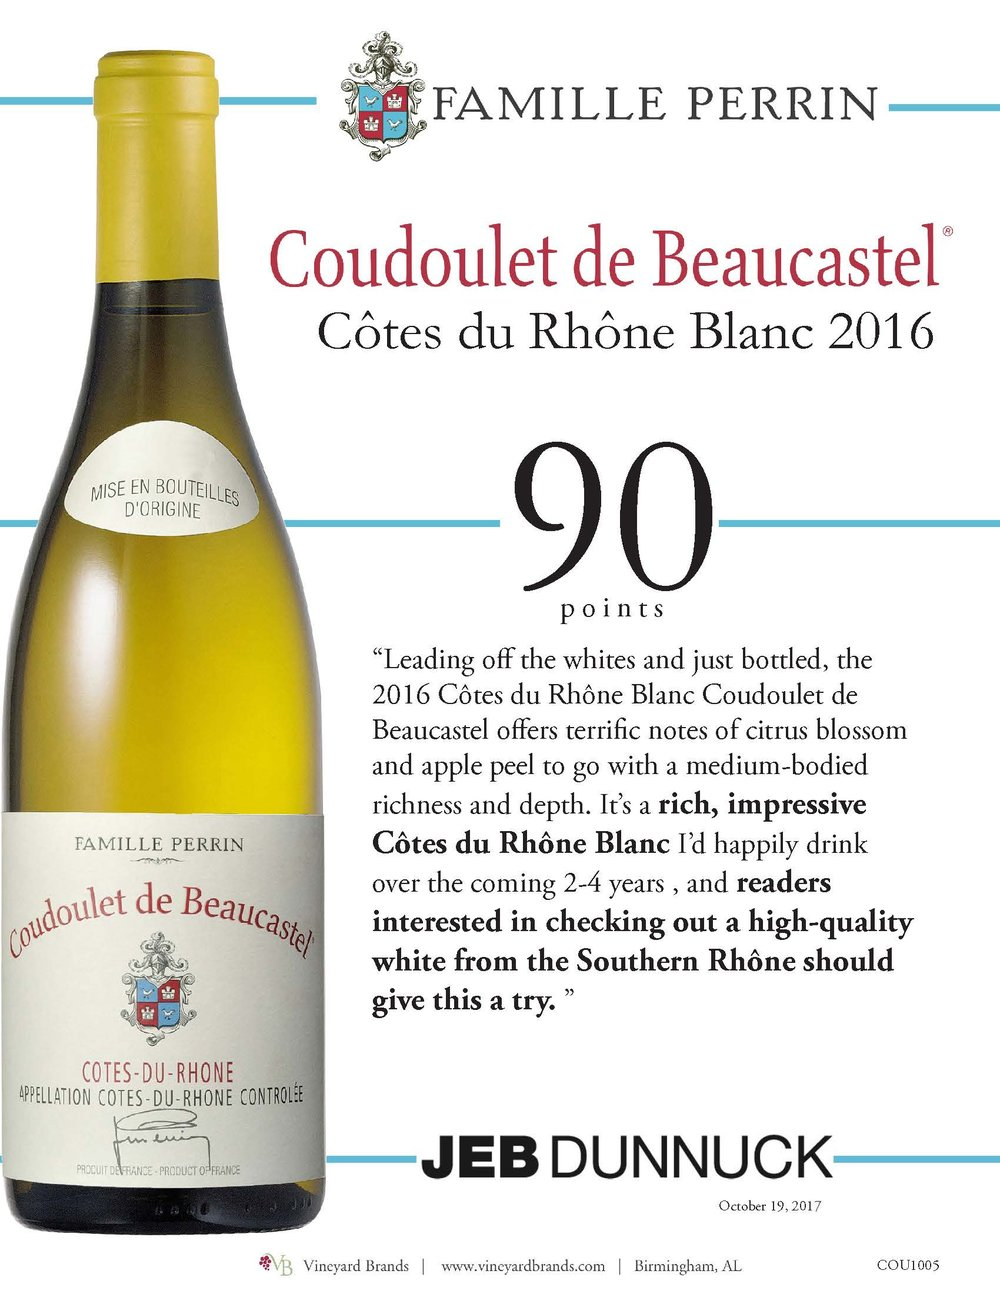 Famille Perrin Coudoulet de Beaucastel Cotes du Rhone Blanc 2016.jpg